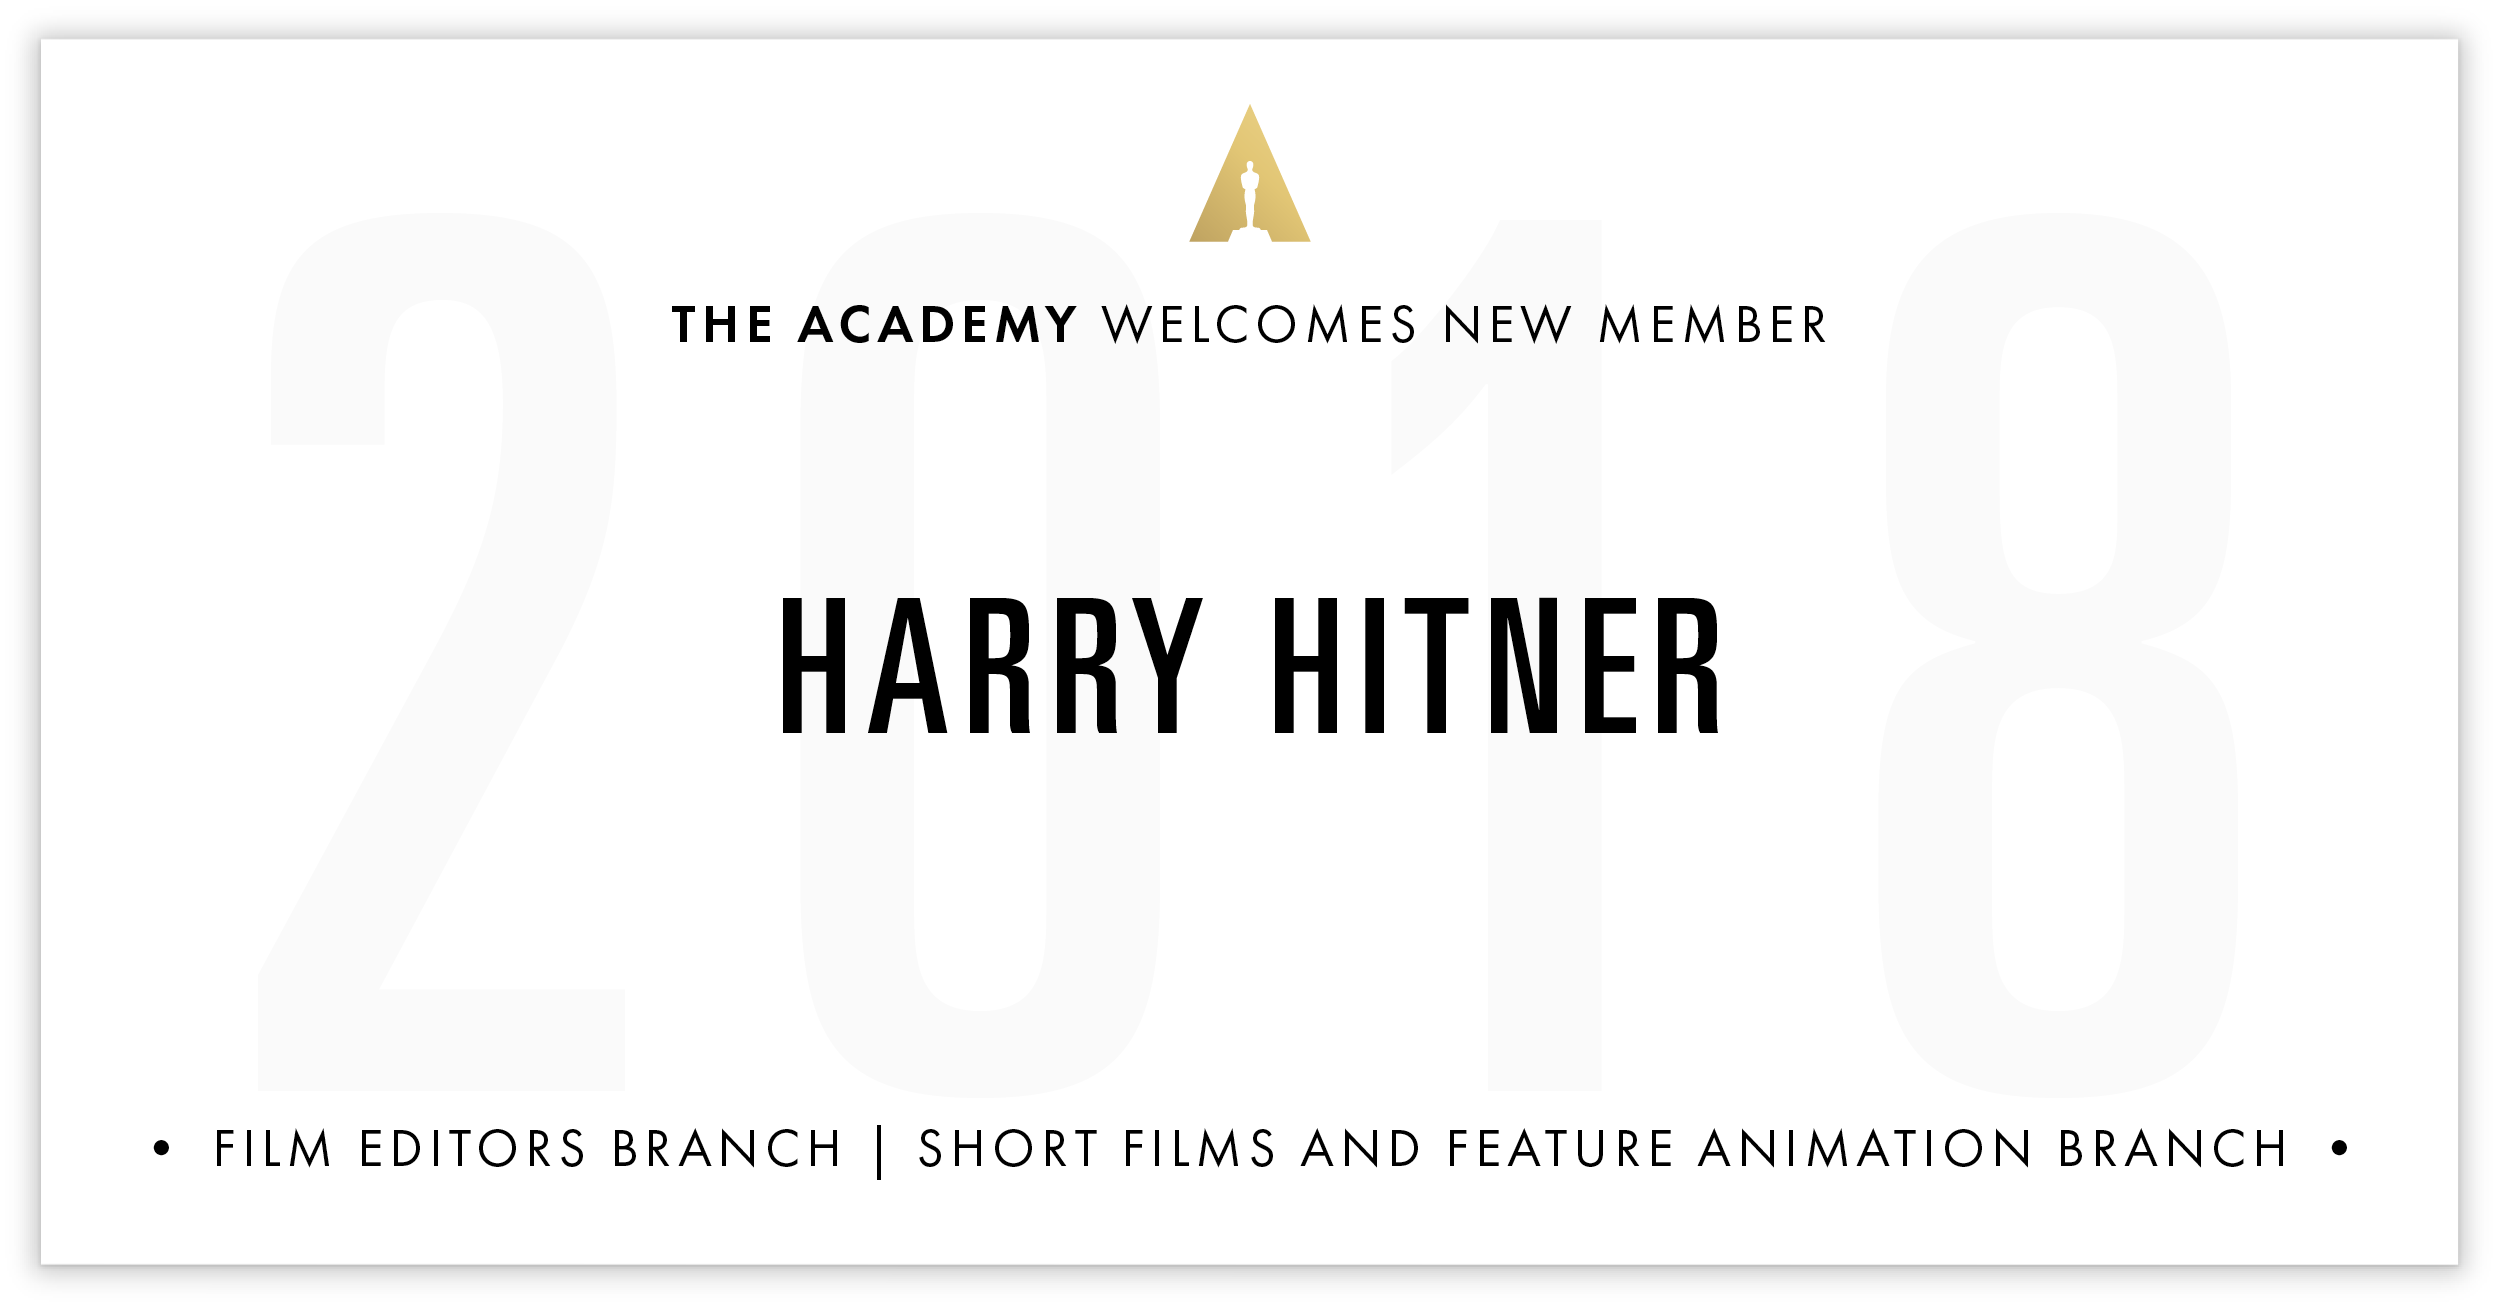 Harry Hitner is invited!